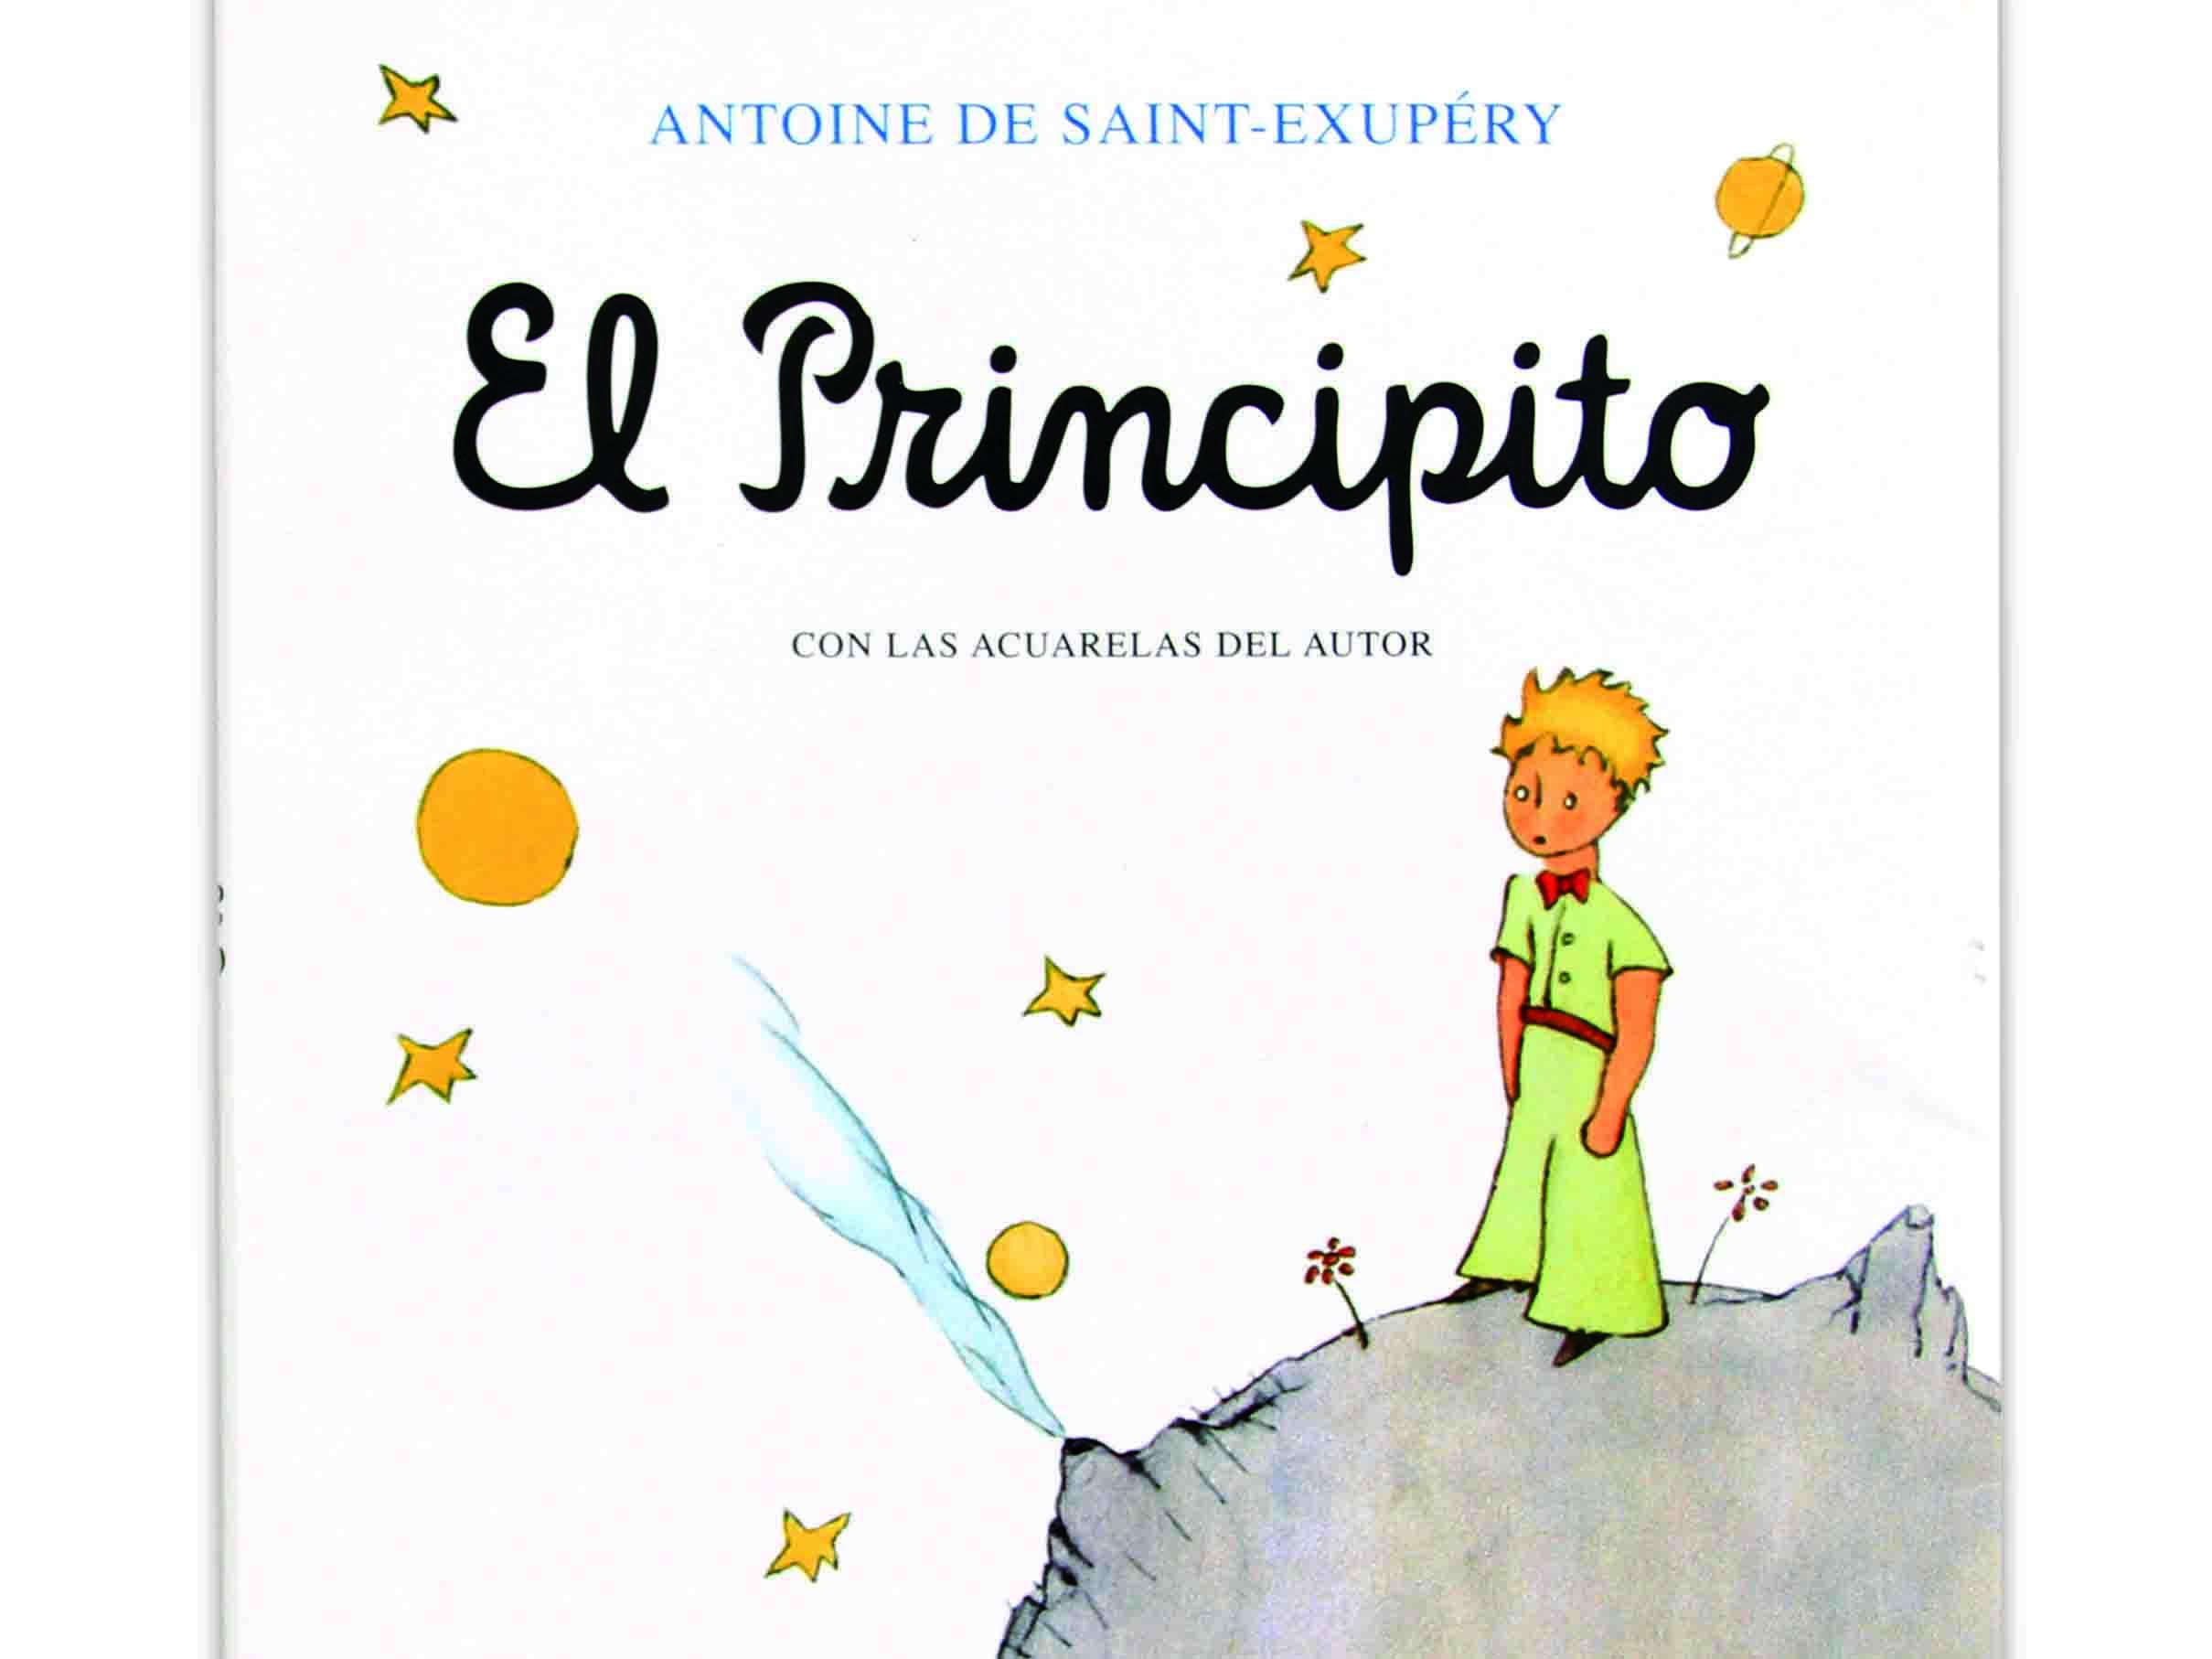 El Principito, ese libro para niños y mayores - El Principito